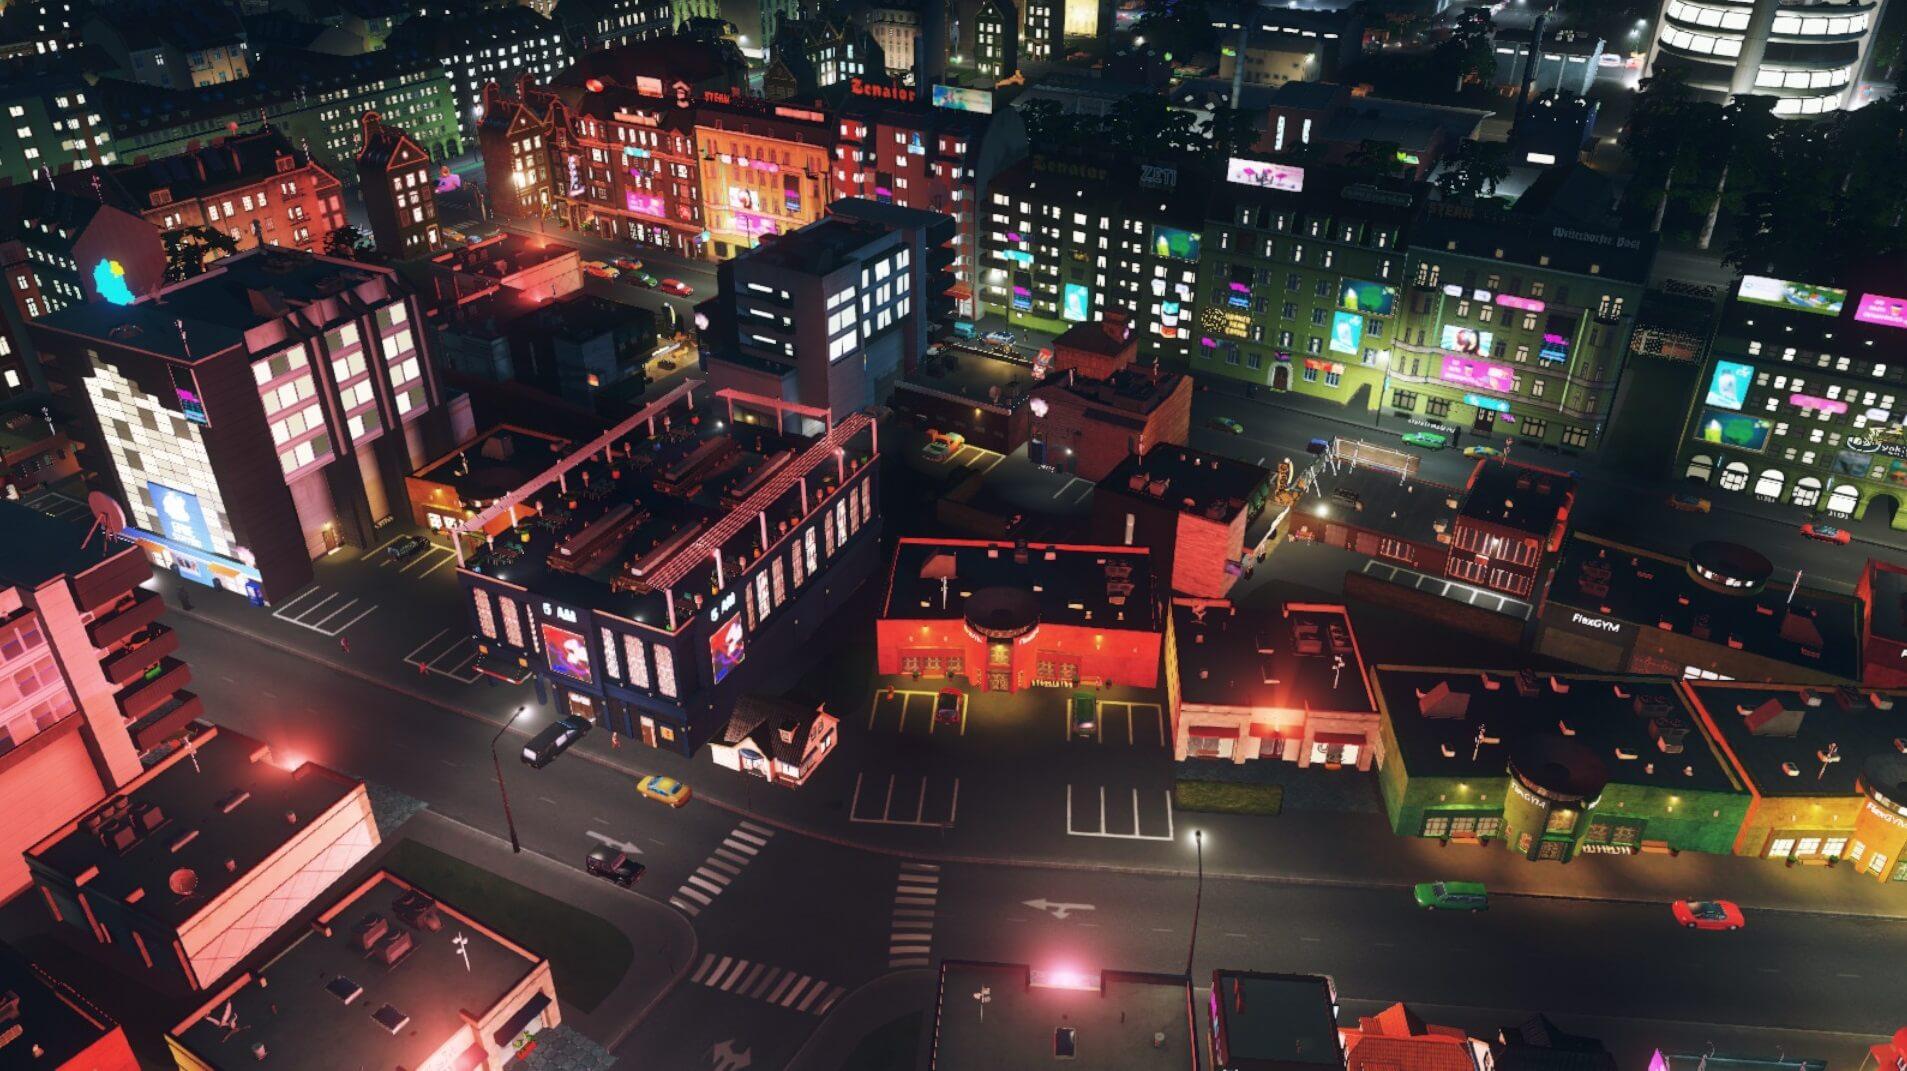 Cities:skylinesレジャー特区区画の夜景